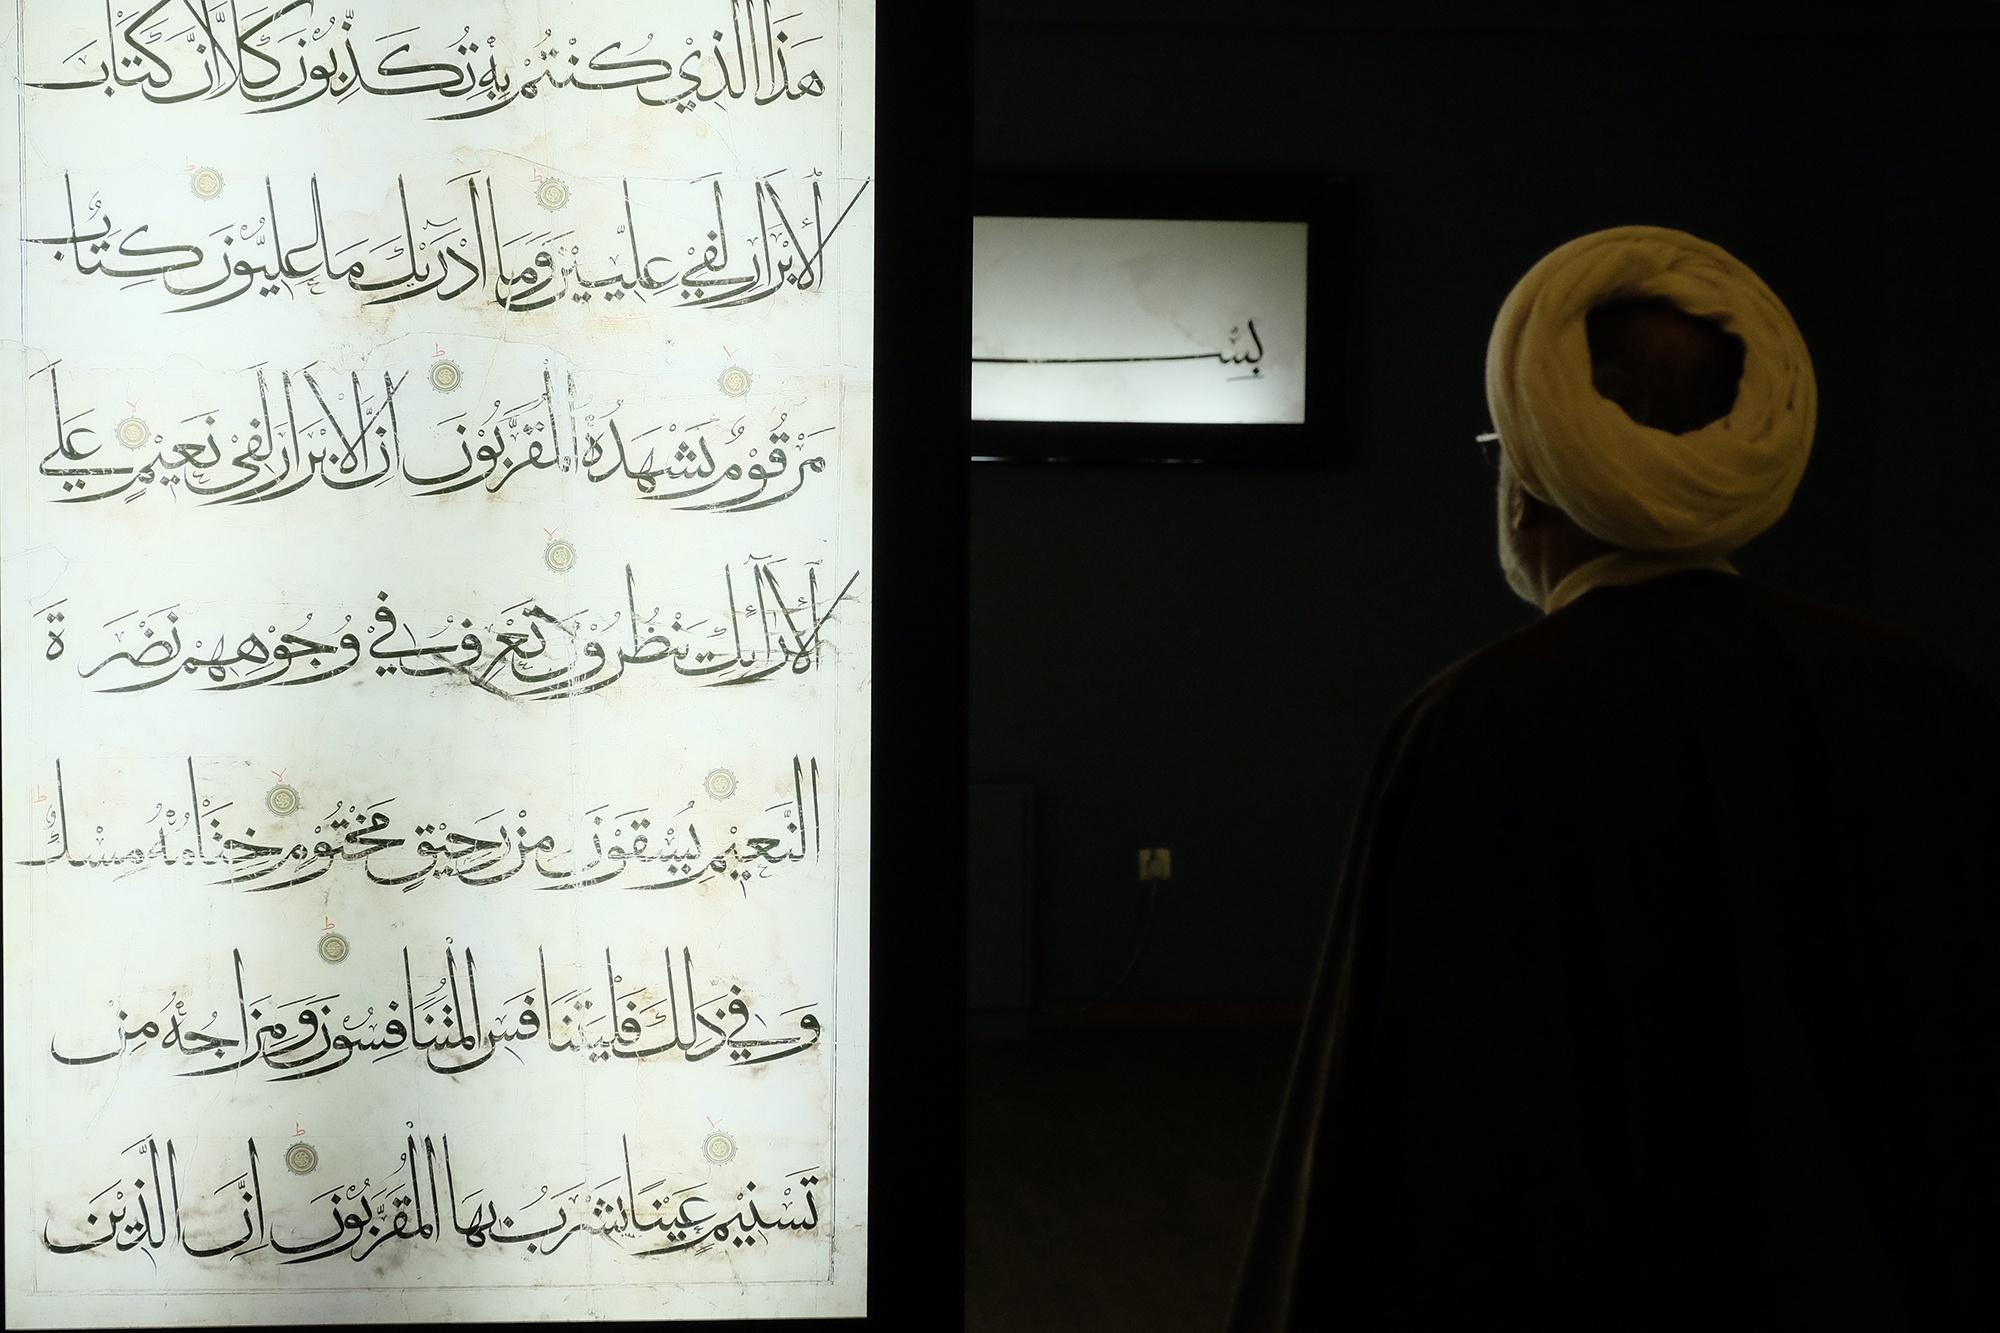 نمایشگاه قرآن بایسنغری